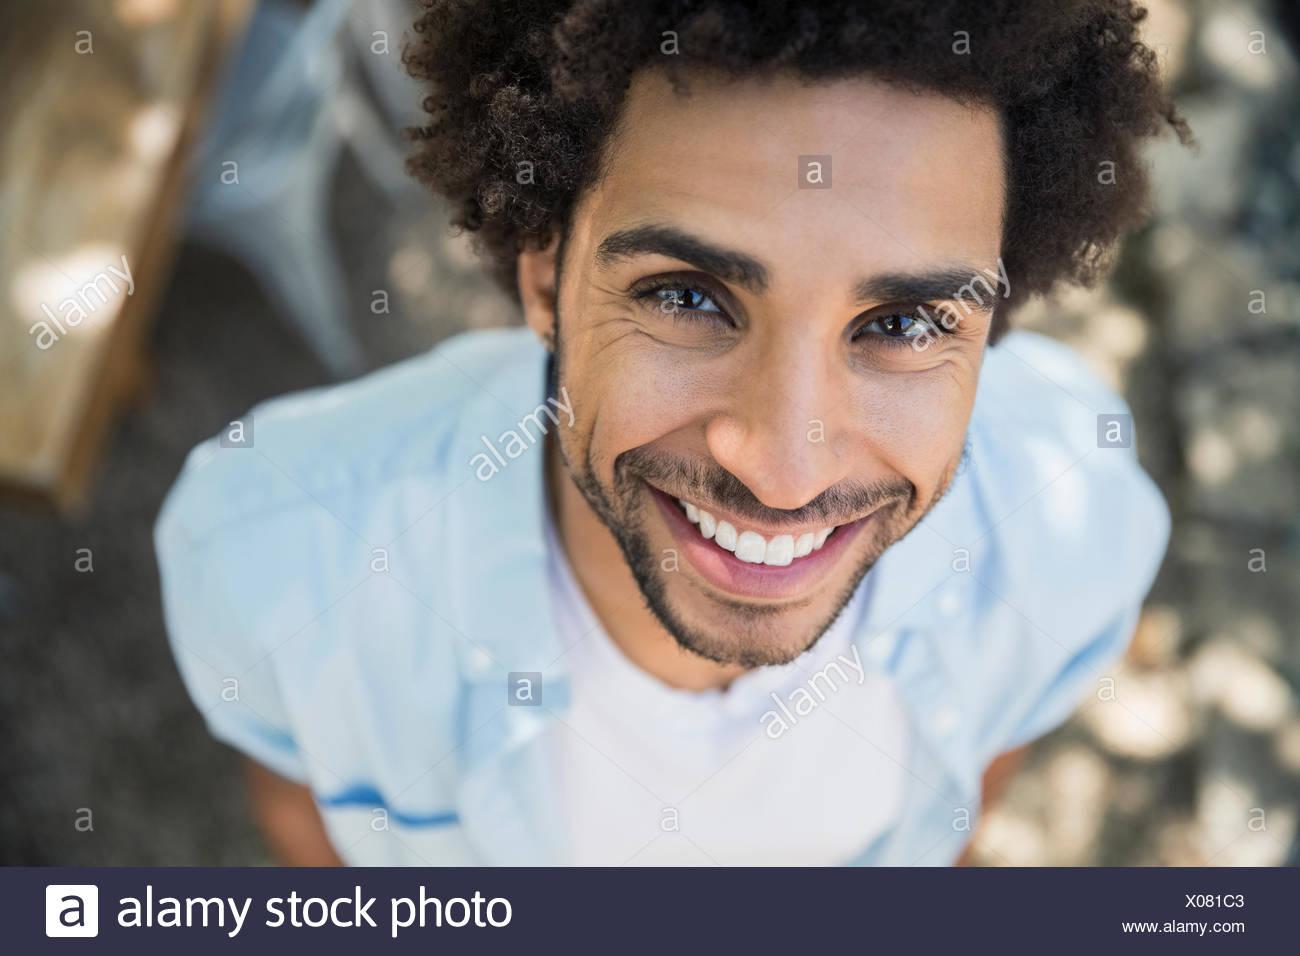 Elevato angolo portrait uomo sorridente capelli ricci Immagini Stock